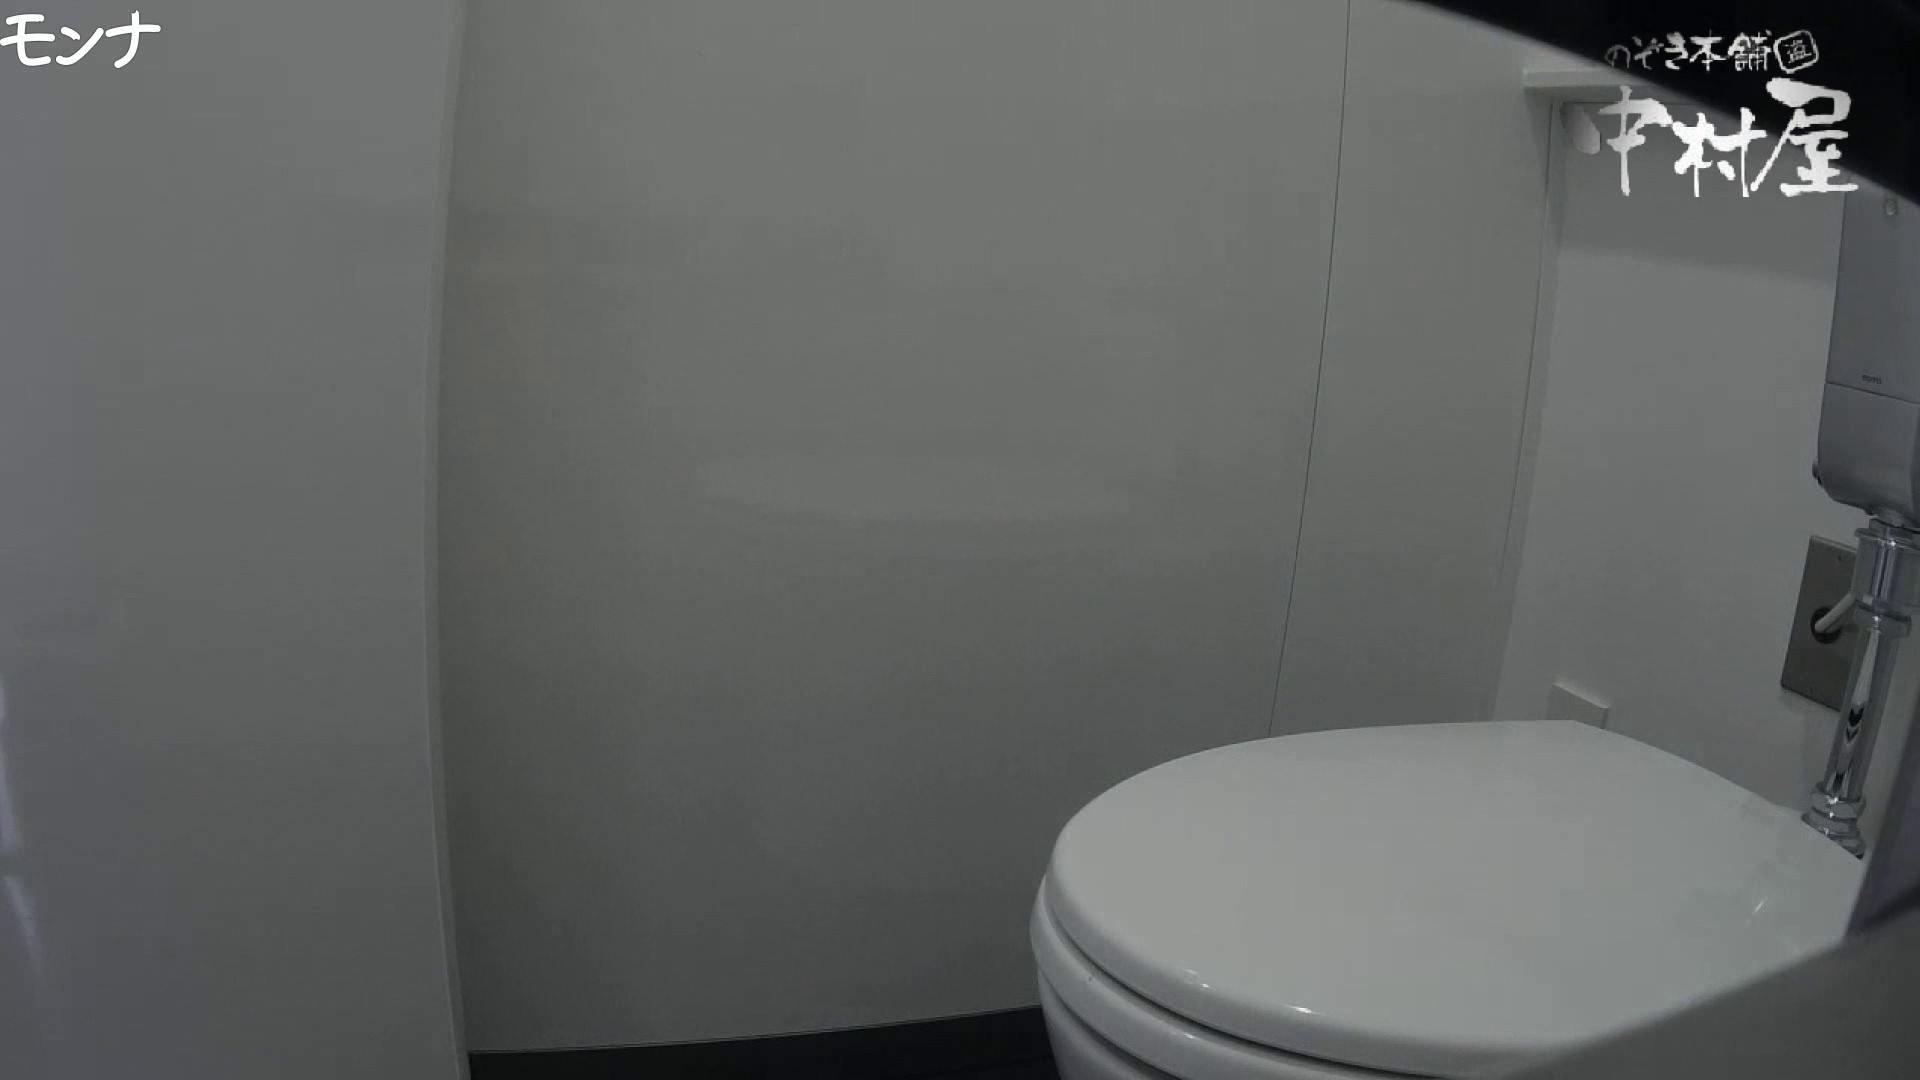 アダルトエロ動画 有名大学女性洗面所 vol.65 秘技!!マルチアングル天井撮り!! のぞき本舗 中村屋